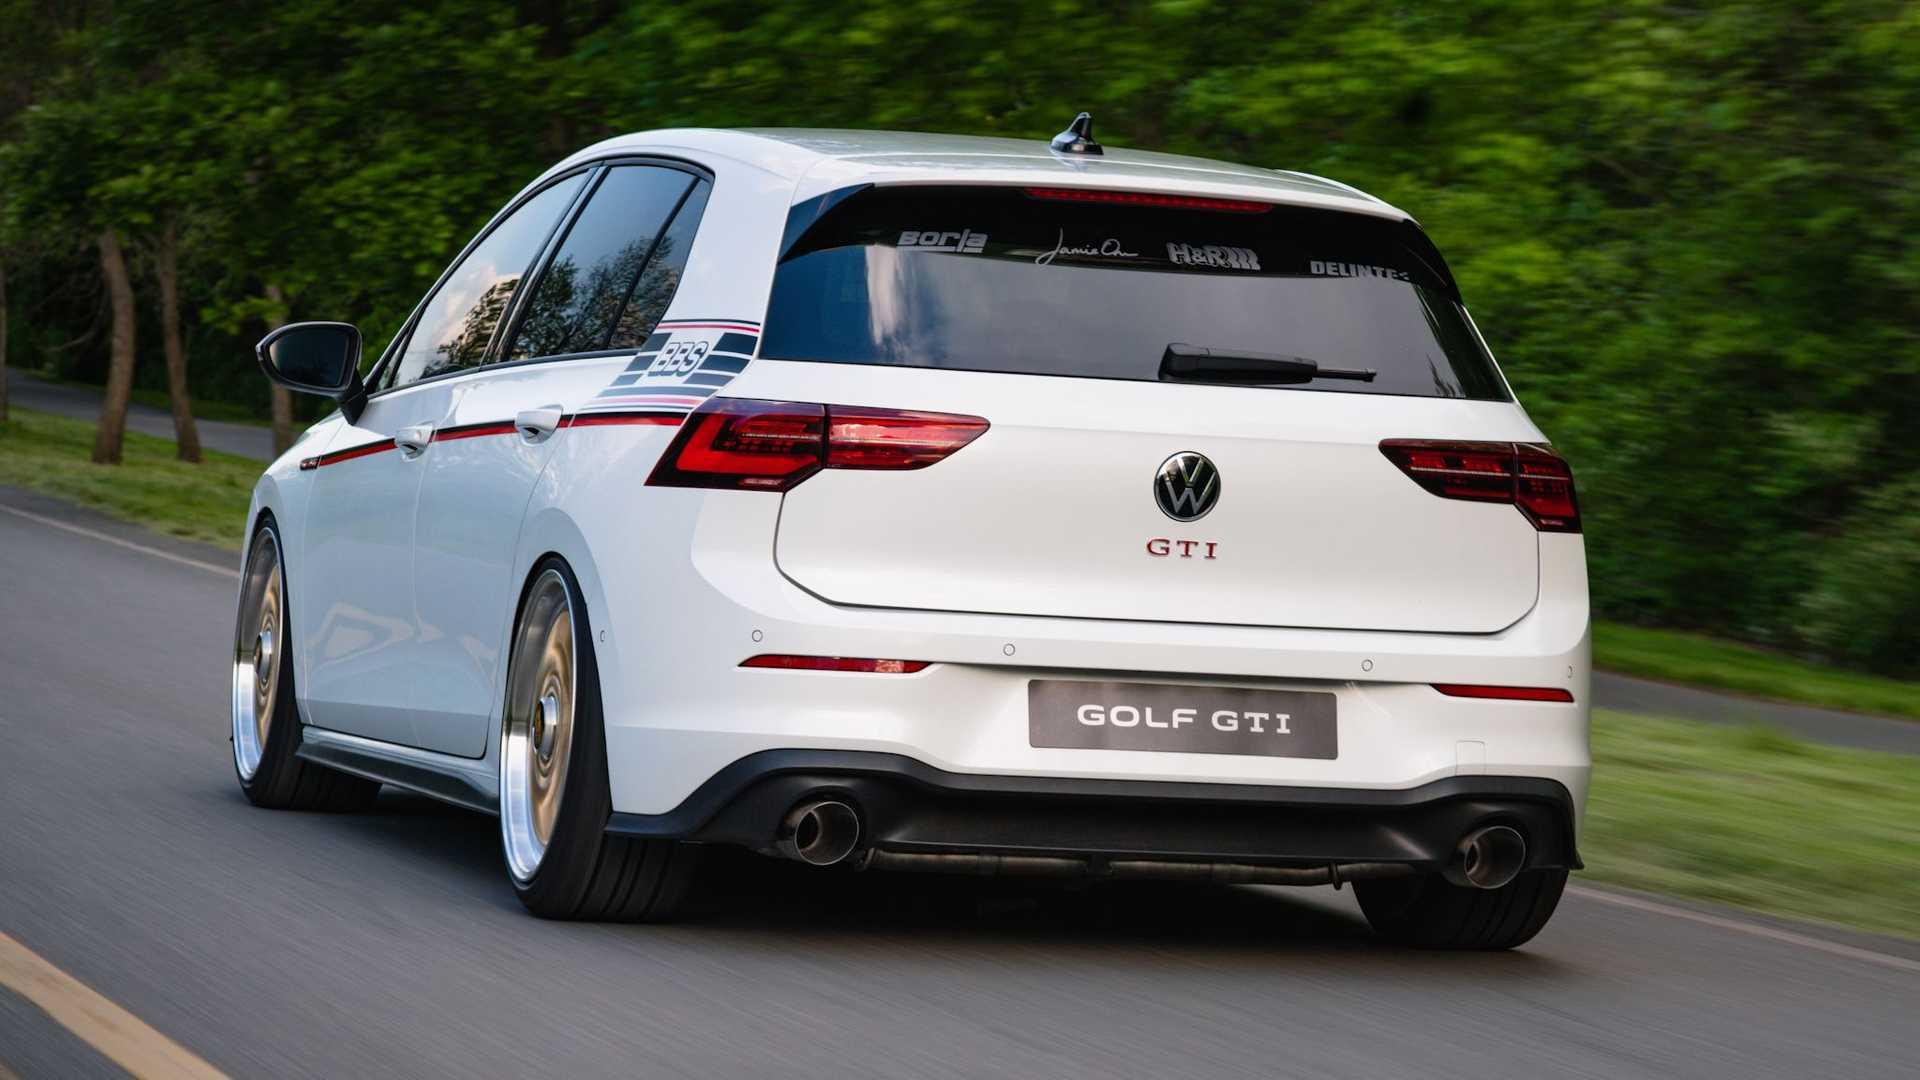 Volkswagen Golf GTI BBS 3